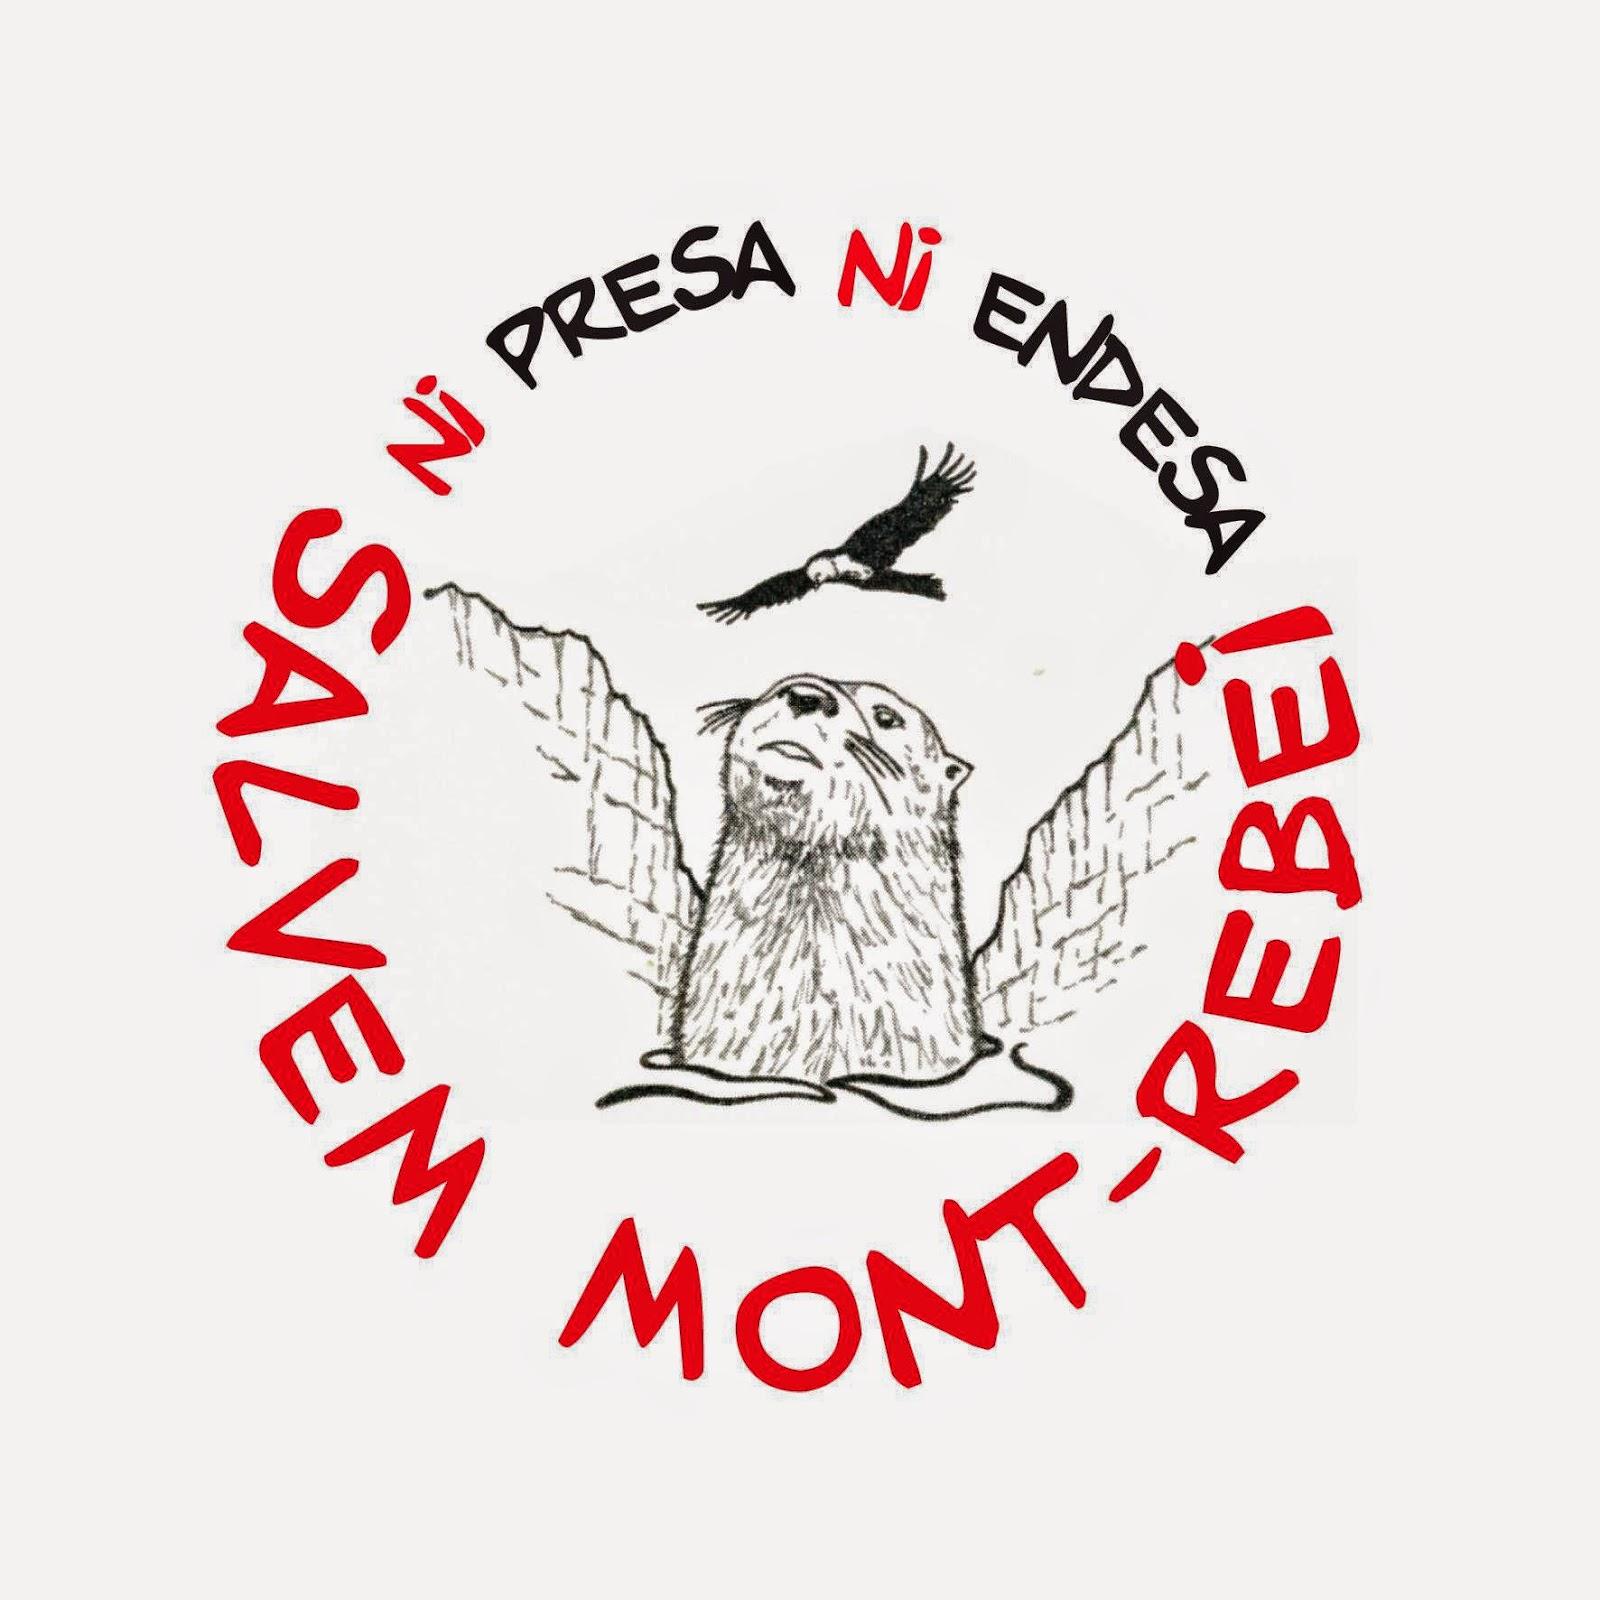 http://play.cadenaser.com/audio/040RD010000000129791/joan-vazquez-plataforma-salvem-mont-rebei-volem-per-escrit-declaracio-de-endesa-de-retirar-projecte/